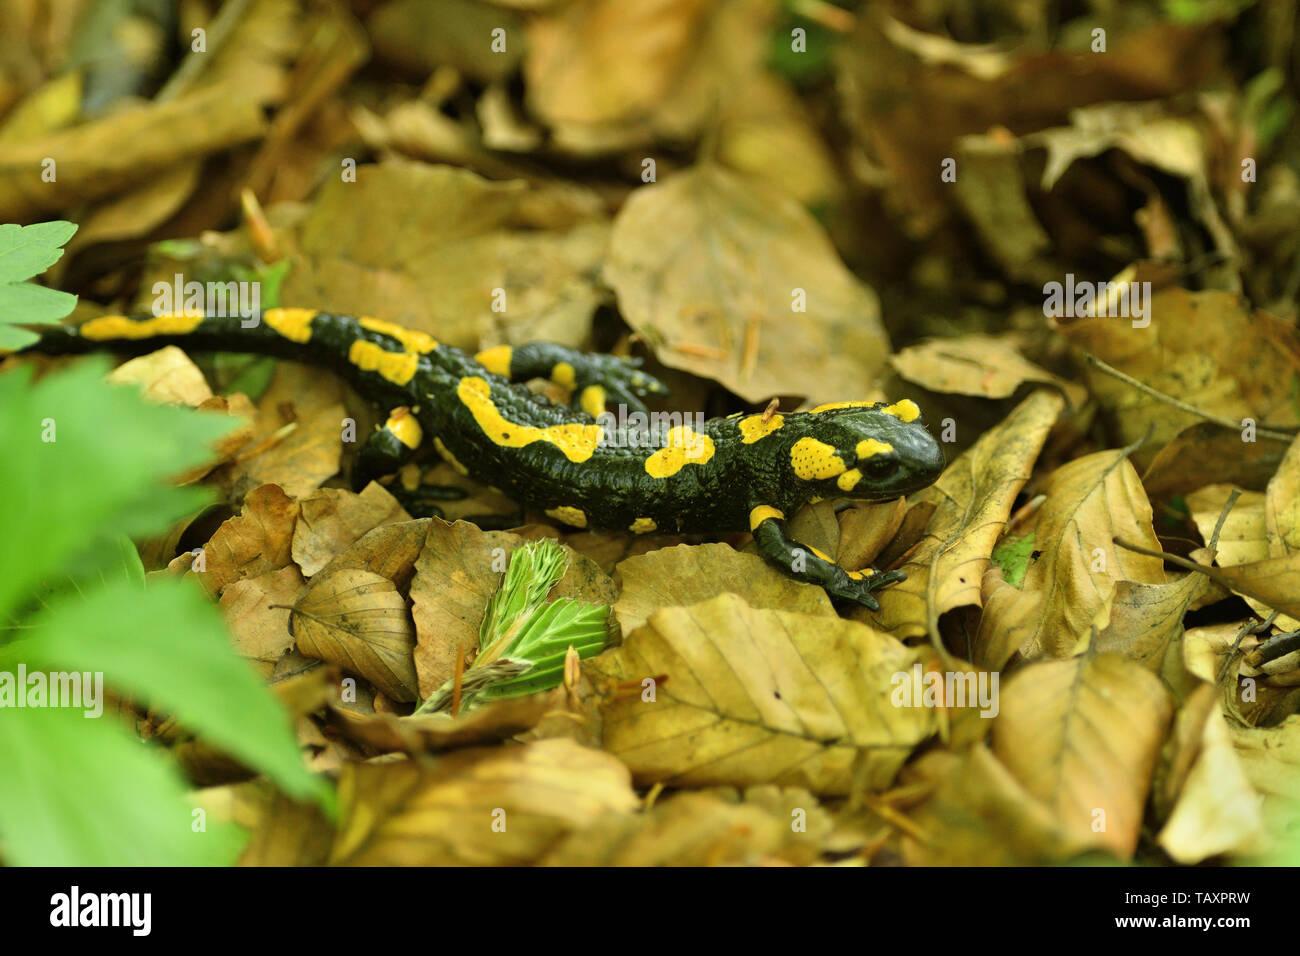 Salamandra Eidechse kriecht durch die Blätter im Wald Stockfoto